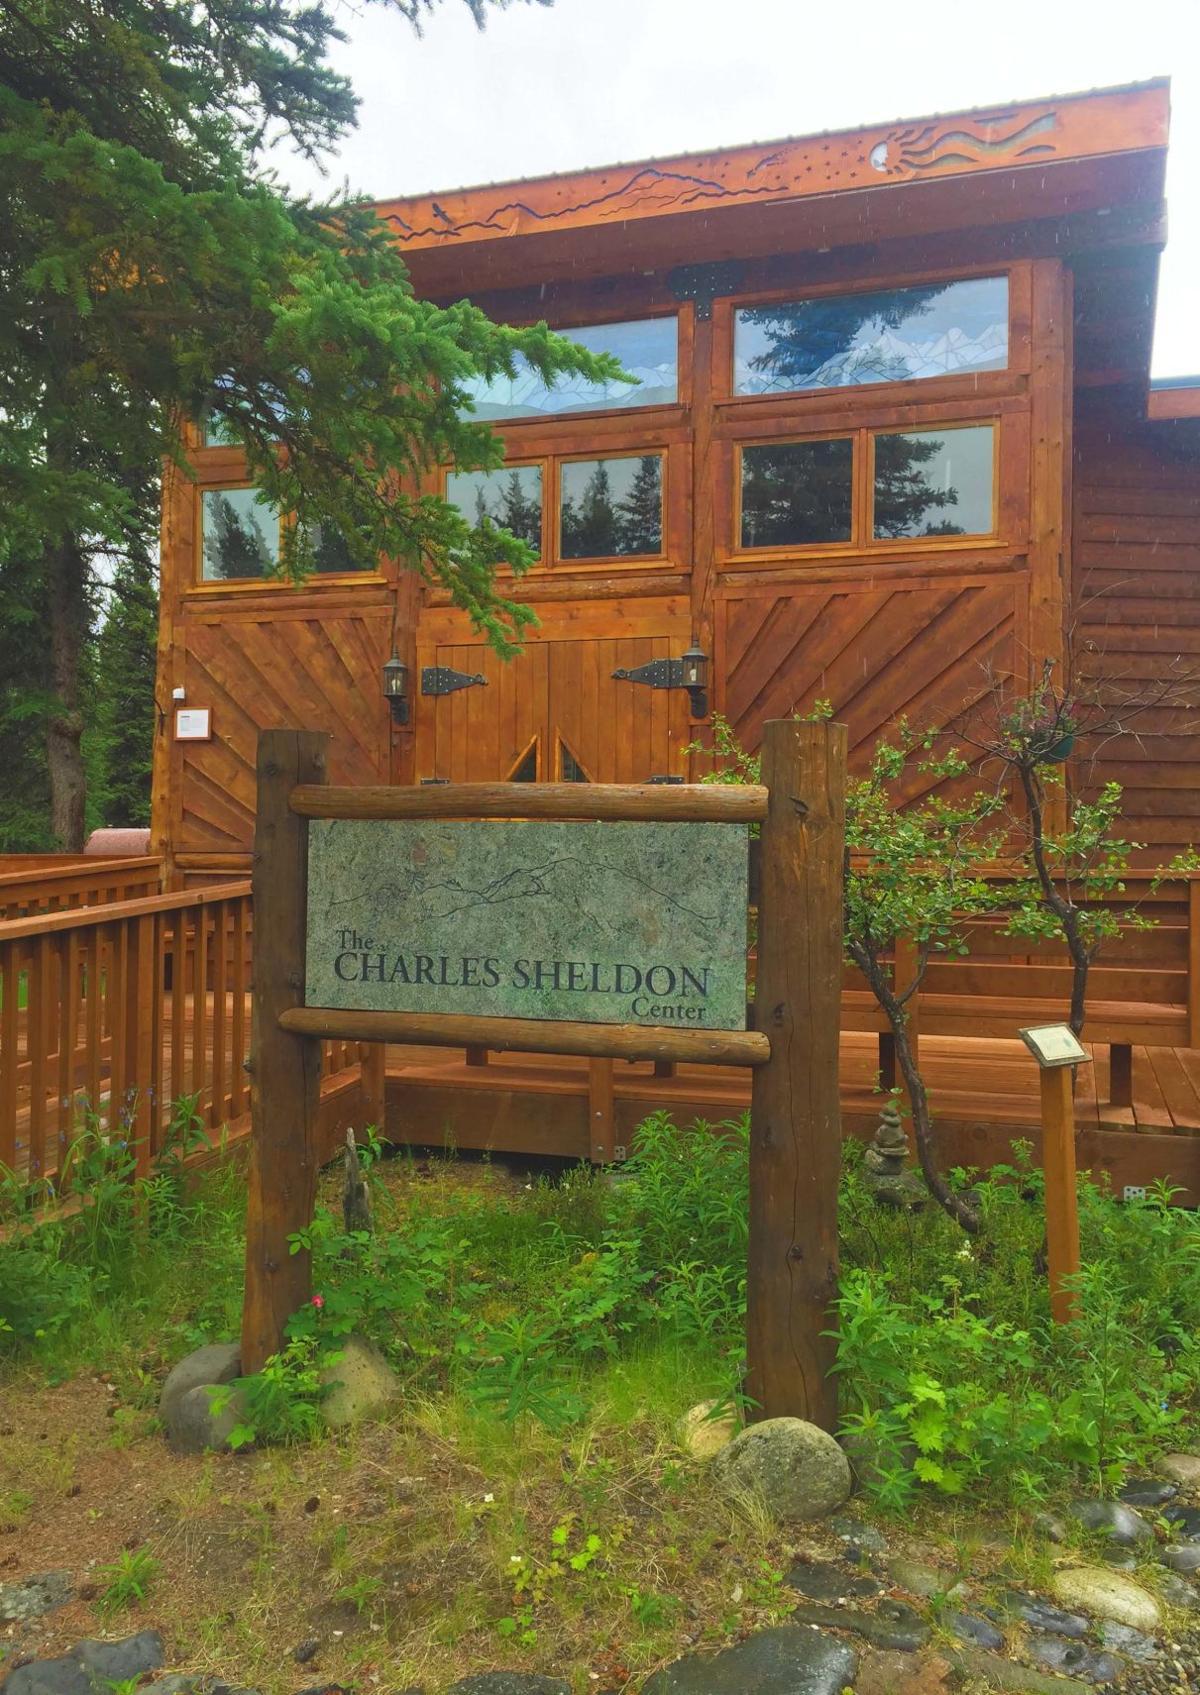 The Charles Sheldon Center